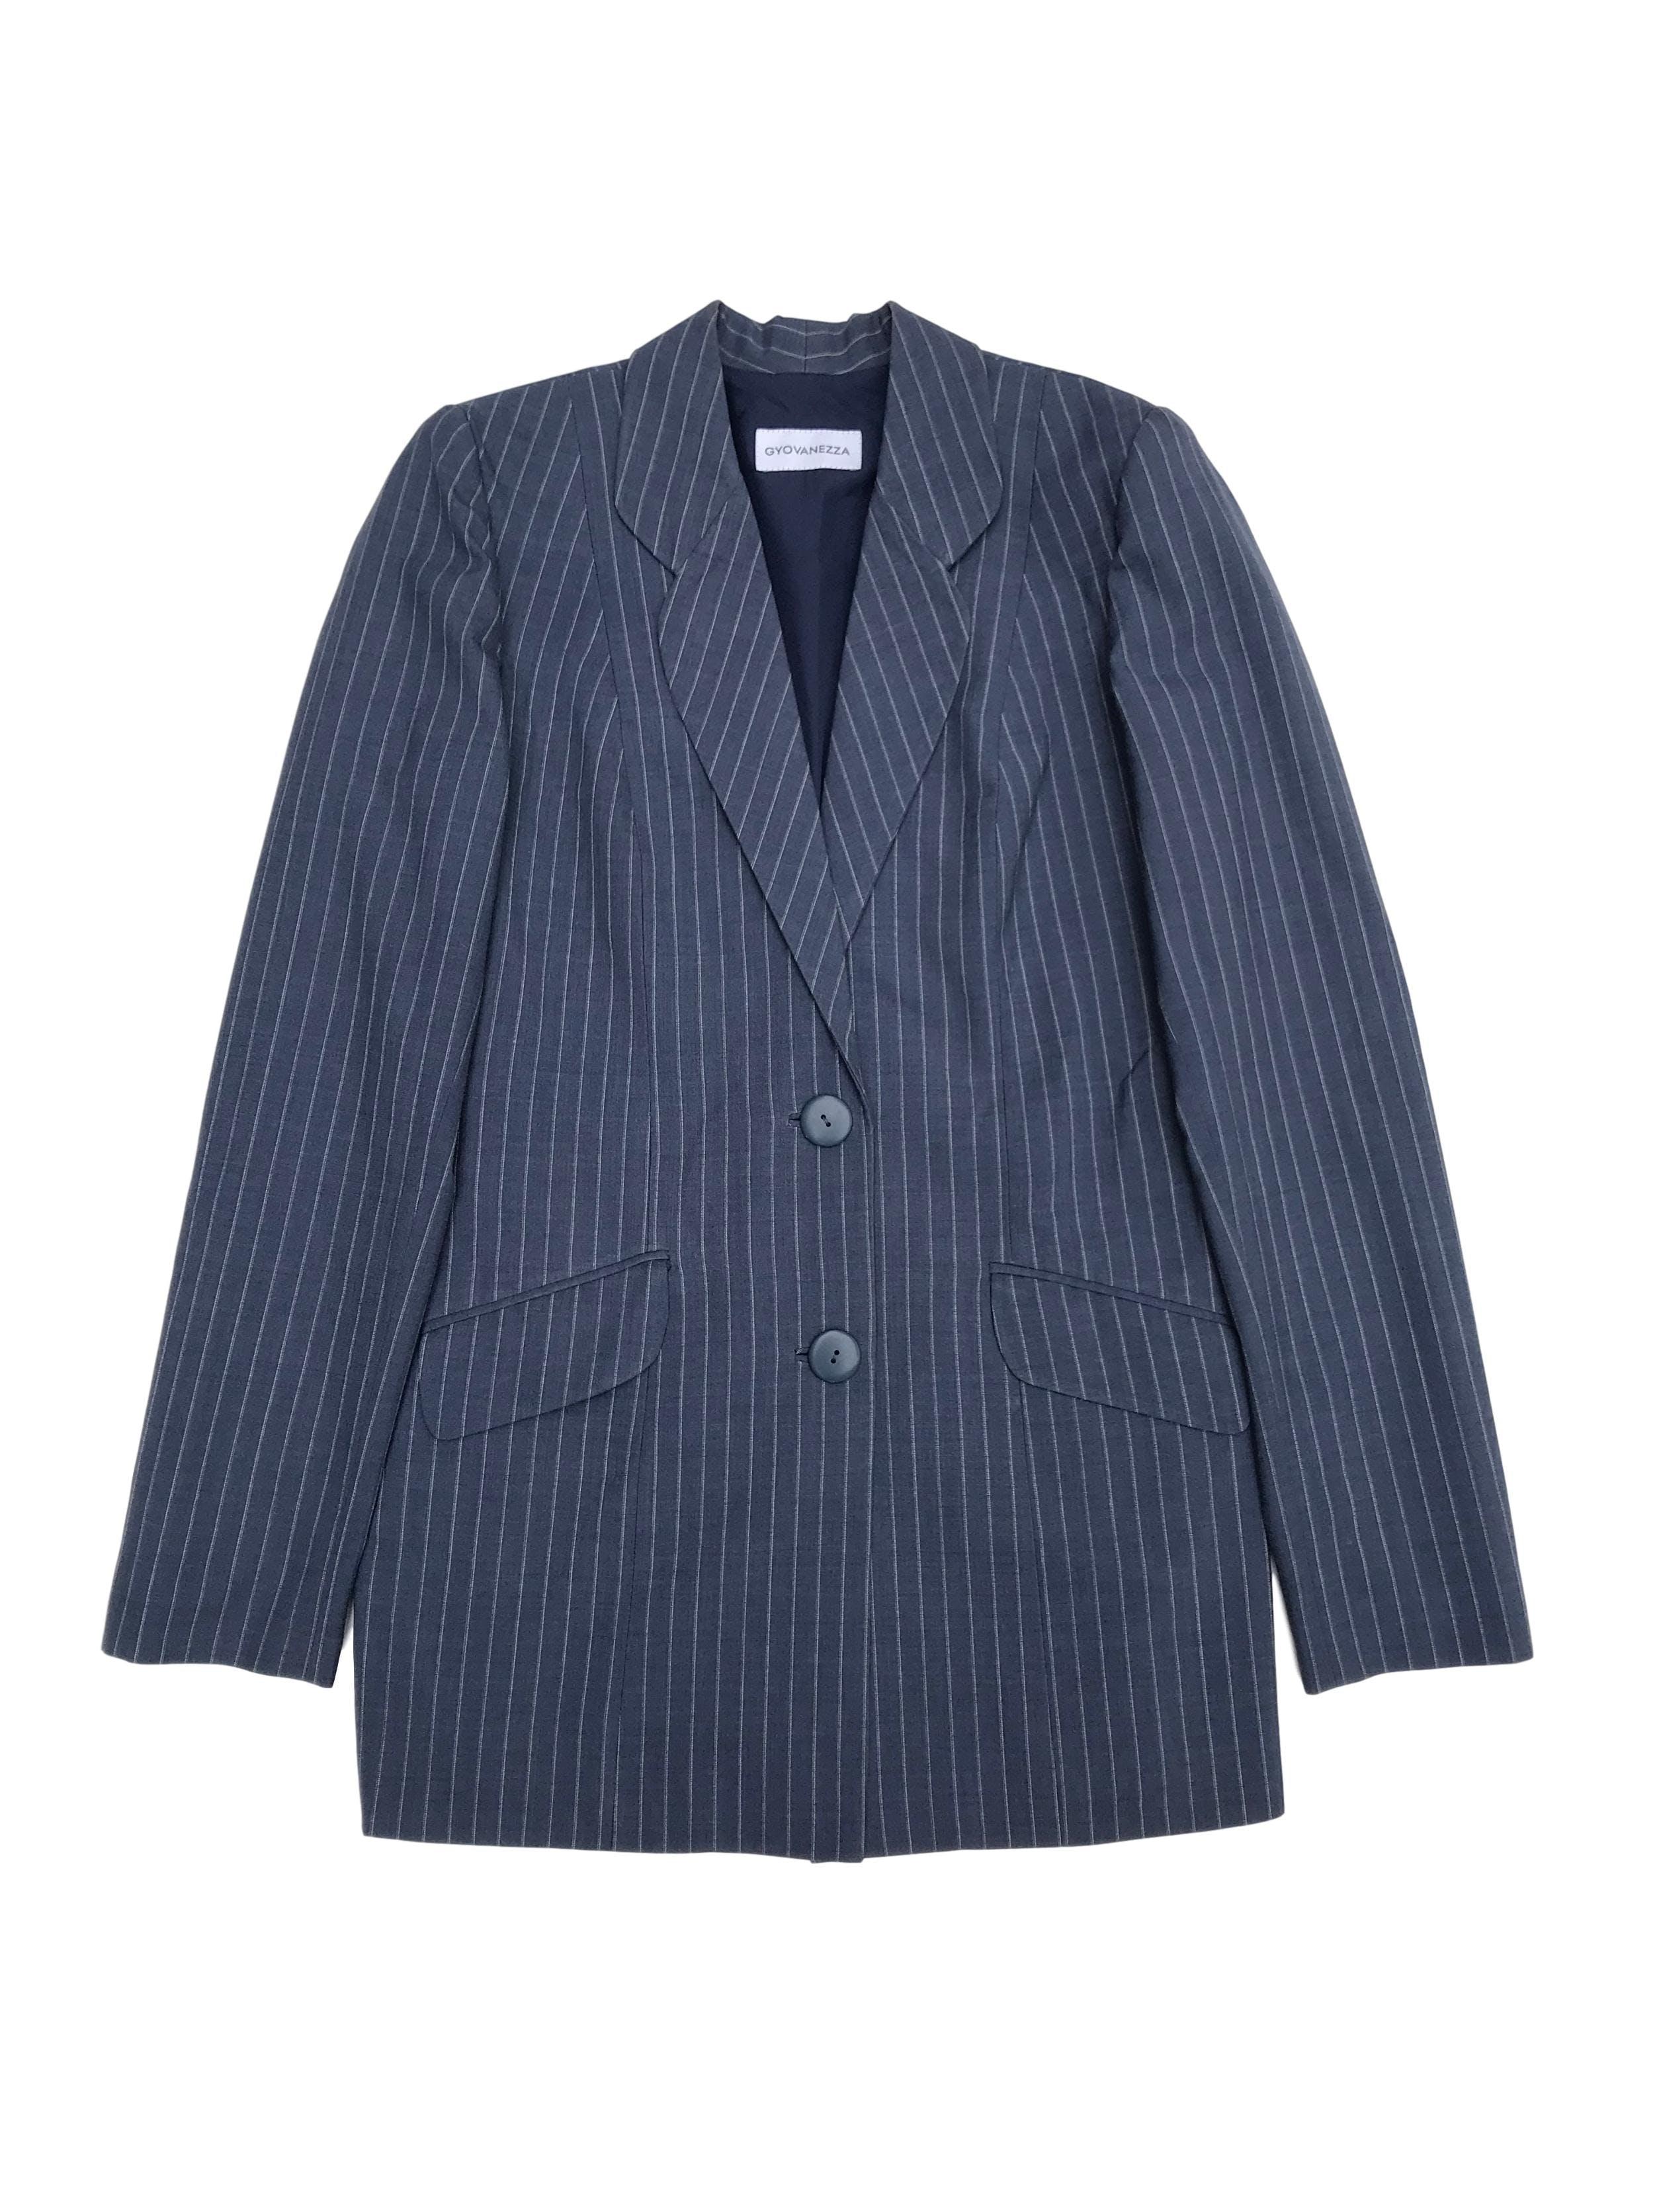 Blazer vintage oversized azul con líneas blancas, forrado, con botones y bolsillos delanteros